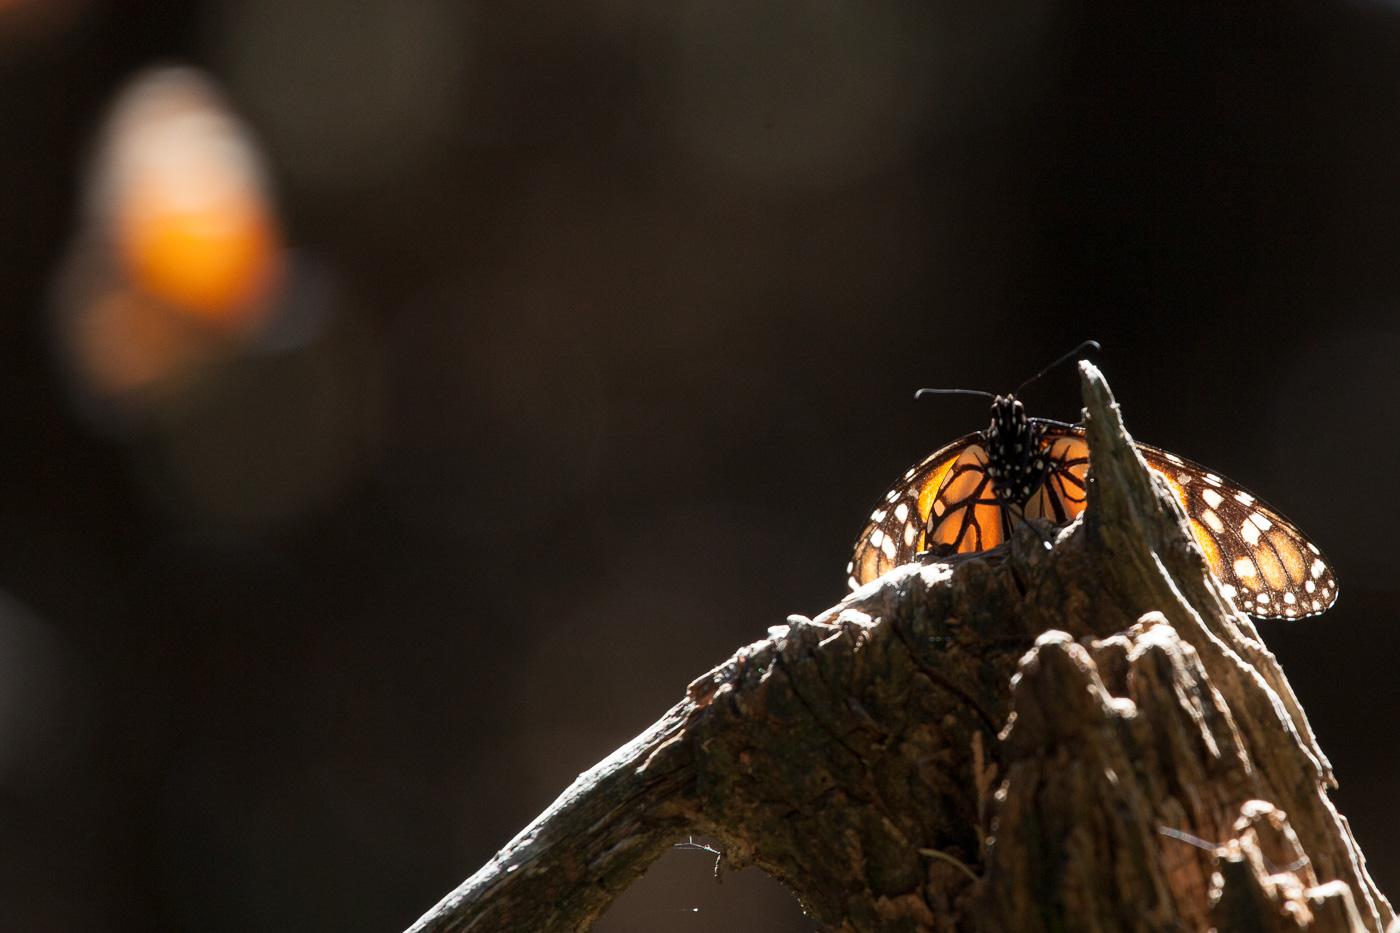 Monarksommerfugle